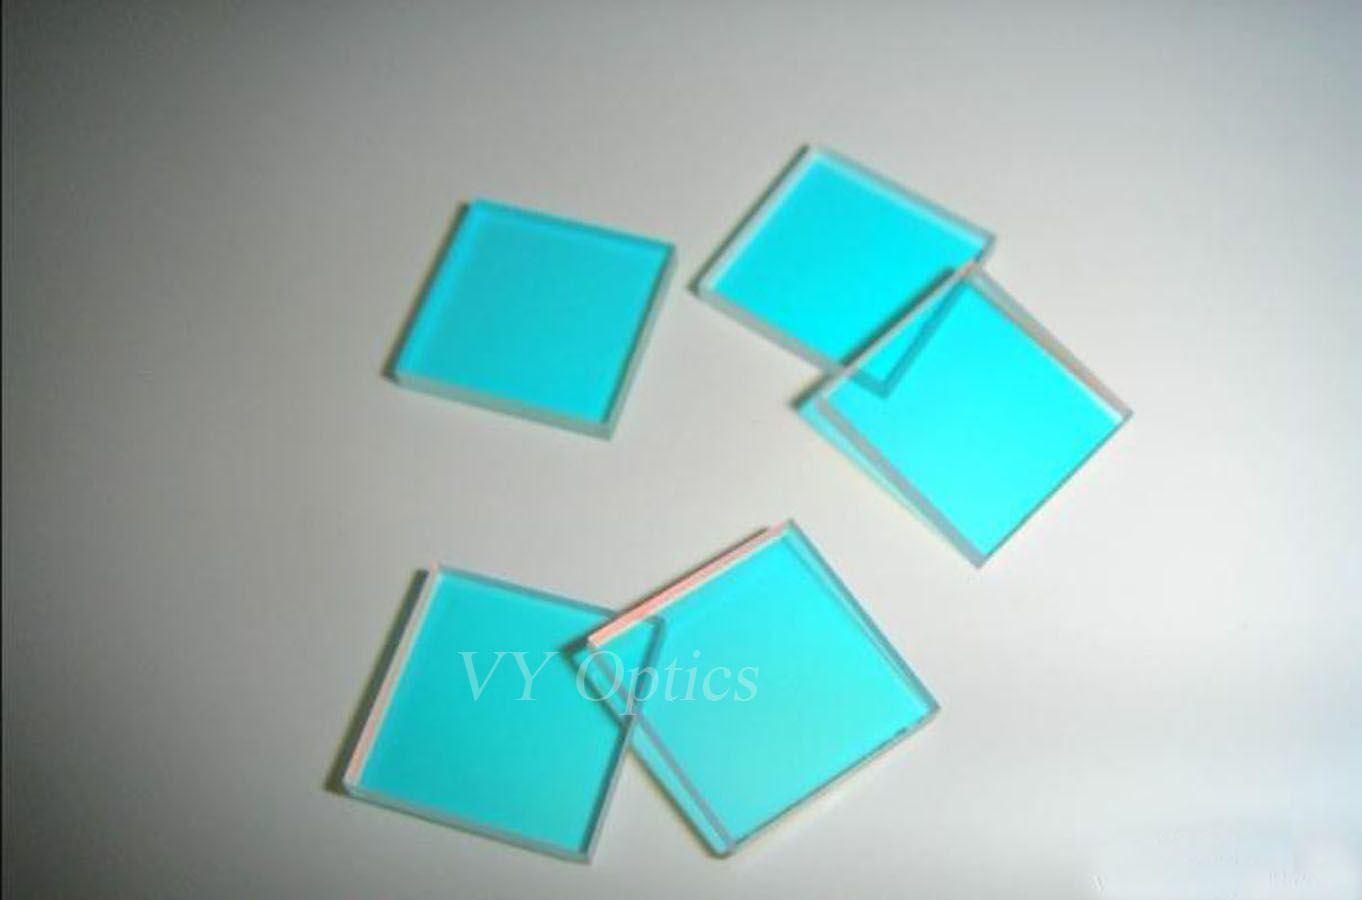 Supply Optical IR-Cut Blue Bandpass Filter for Digital Camera